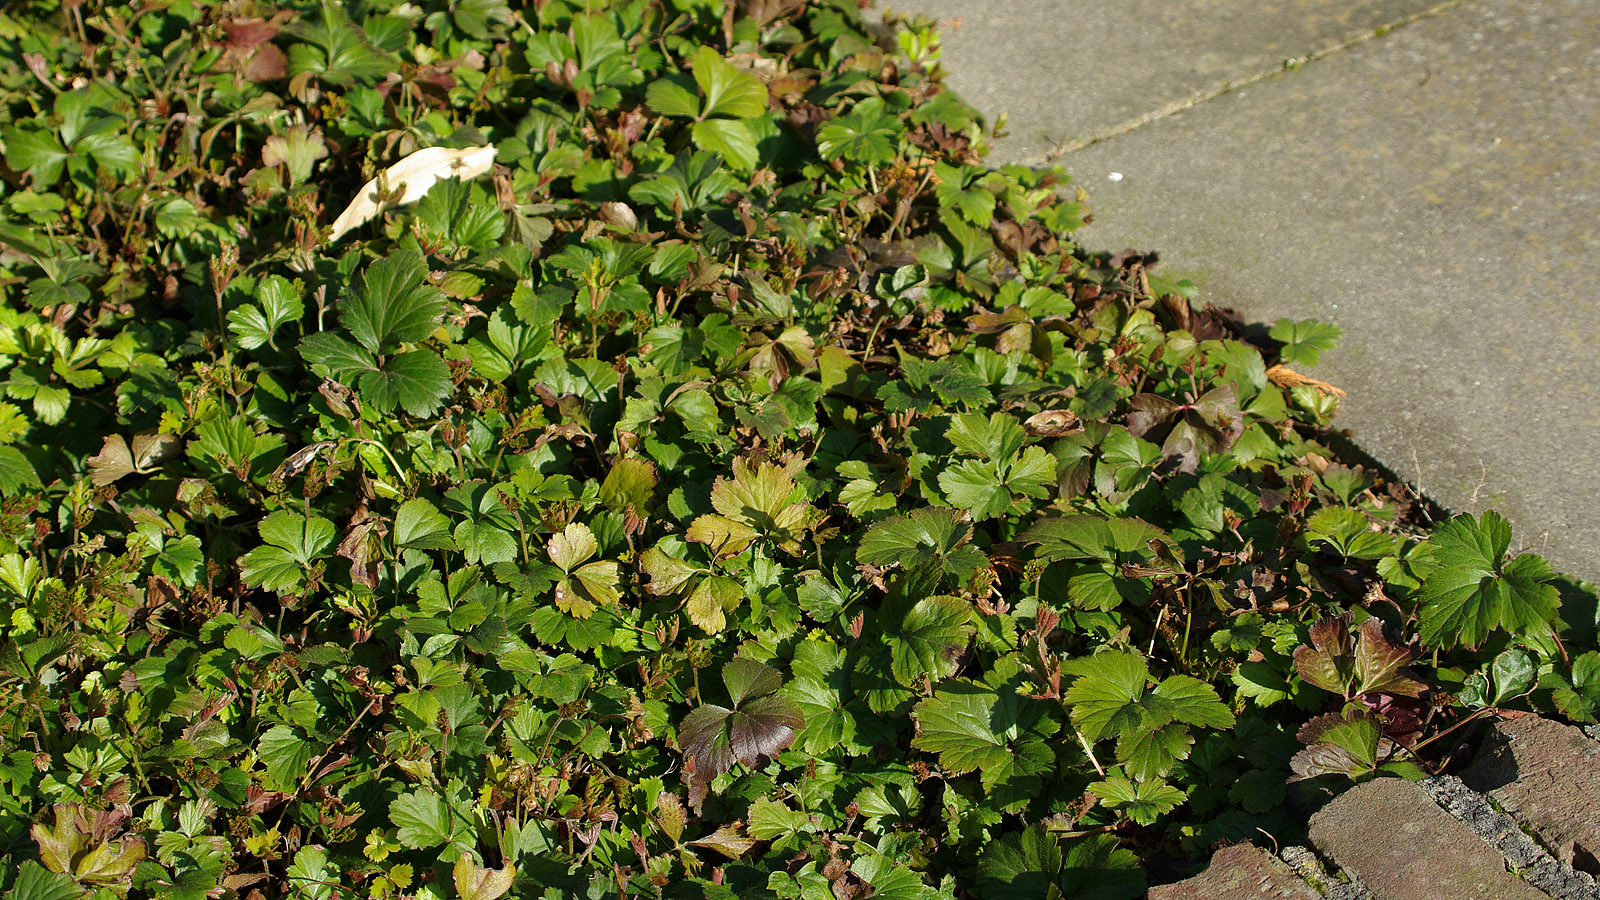 waldsteinia-ternata-imgp8477